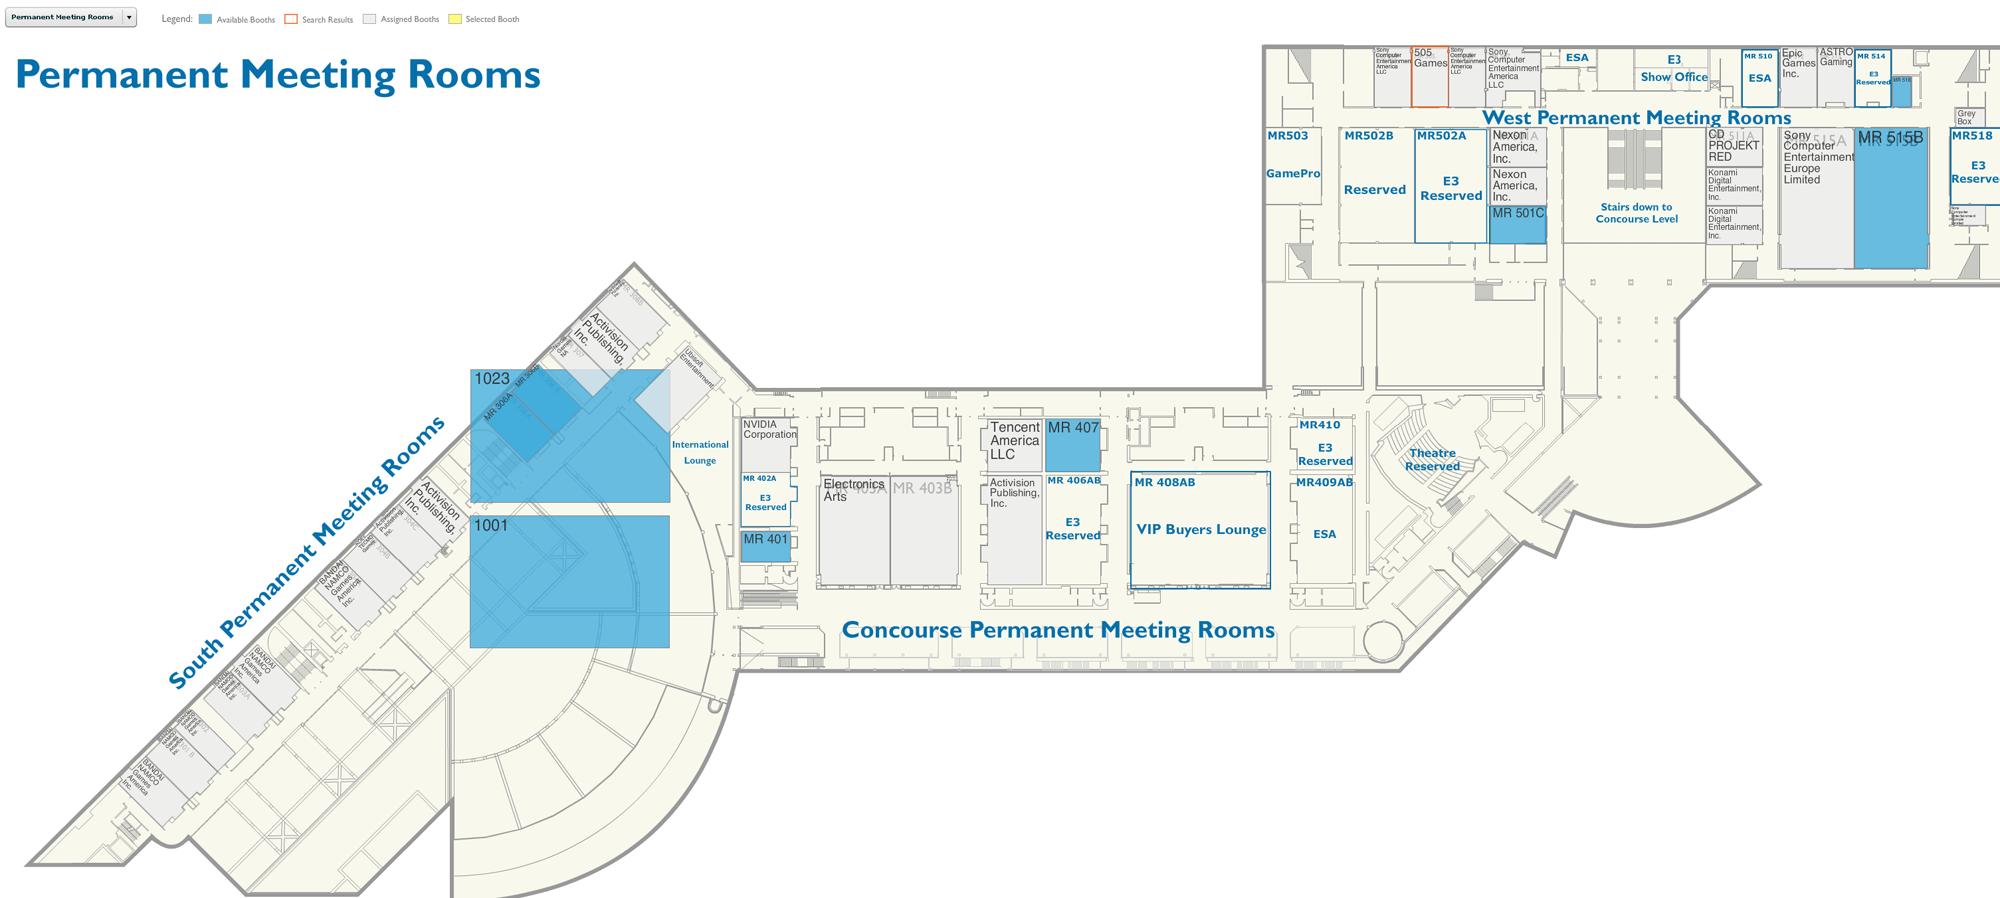 E3大展厂商展台曝光